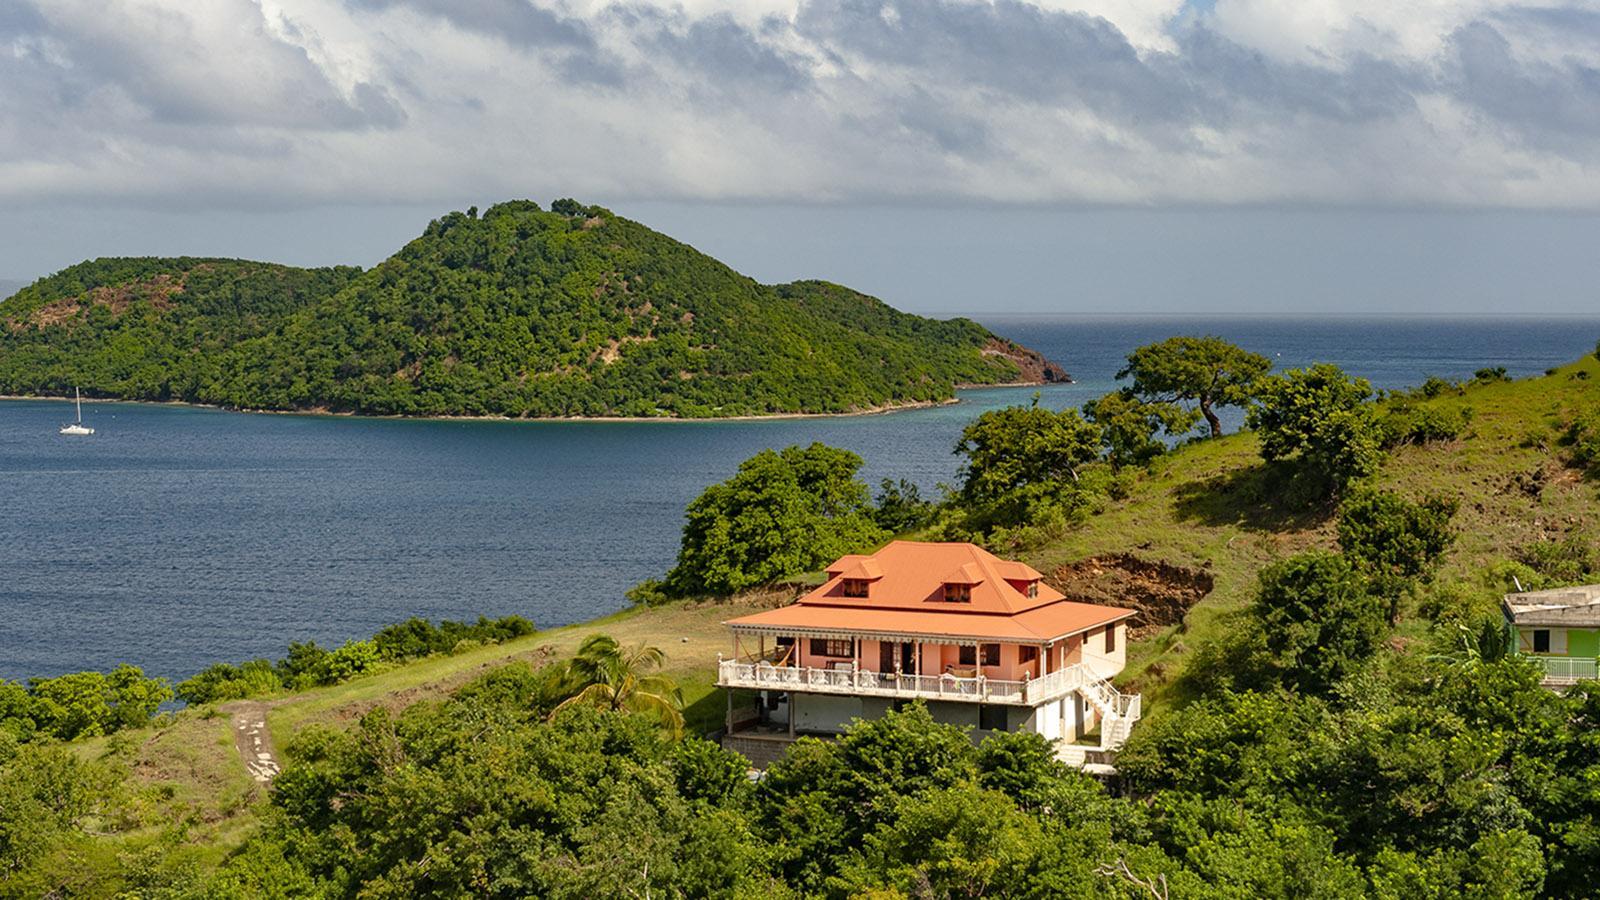 Les Saintes - für viele die Perle der Karibik